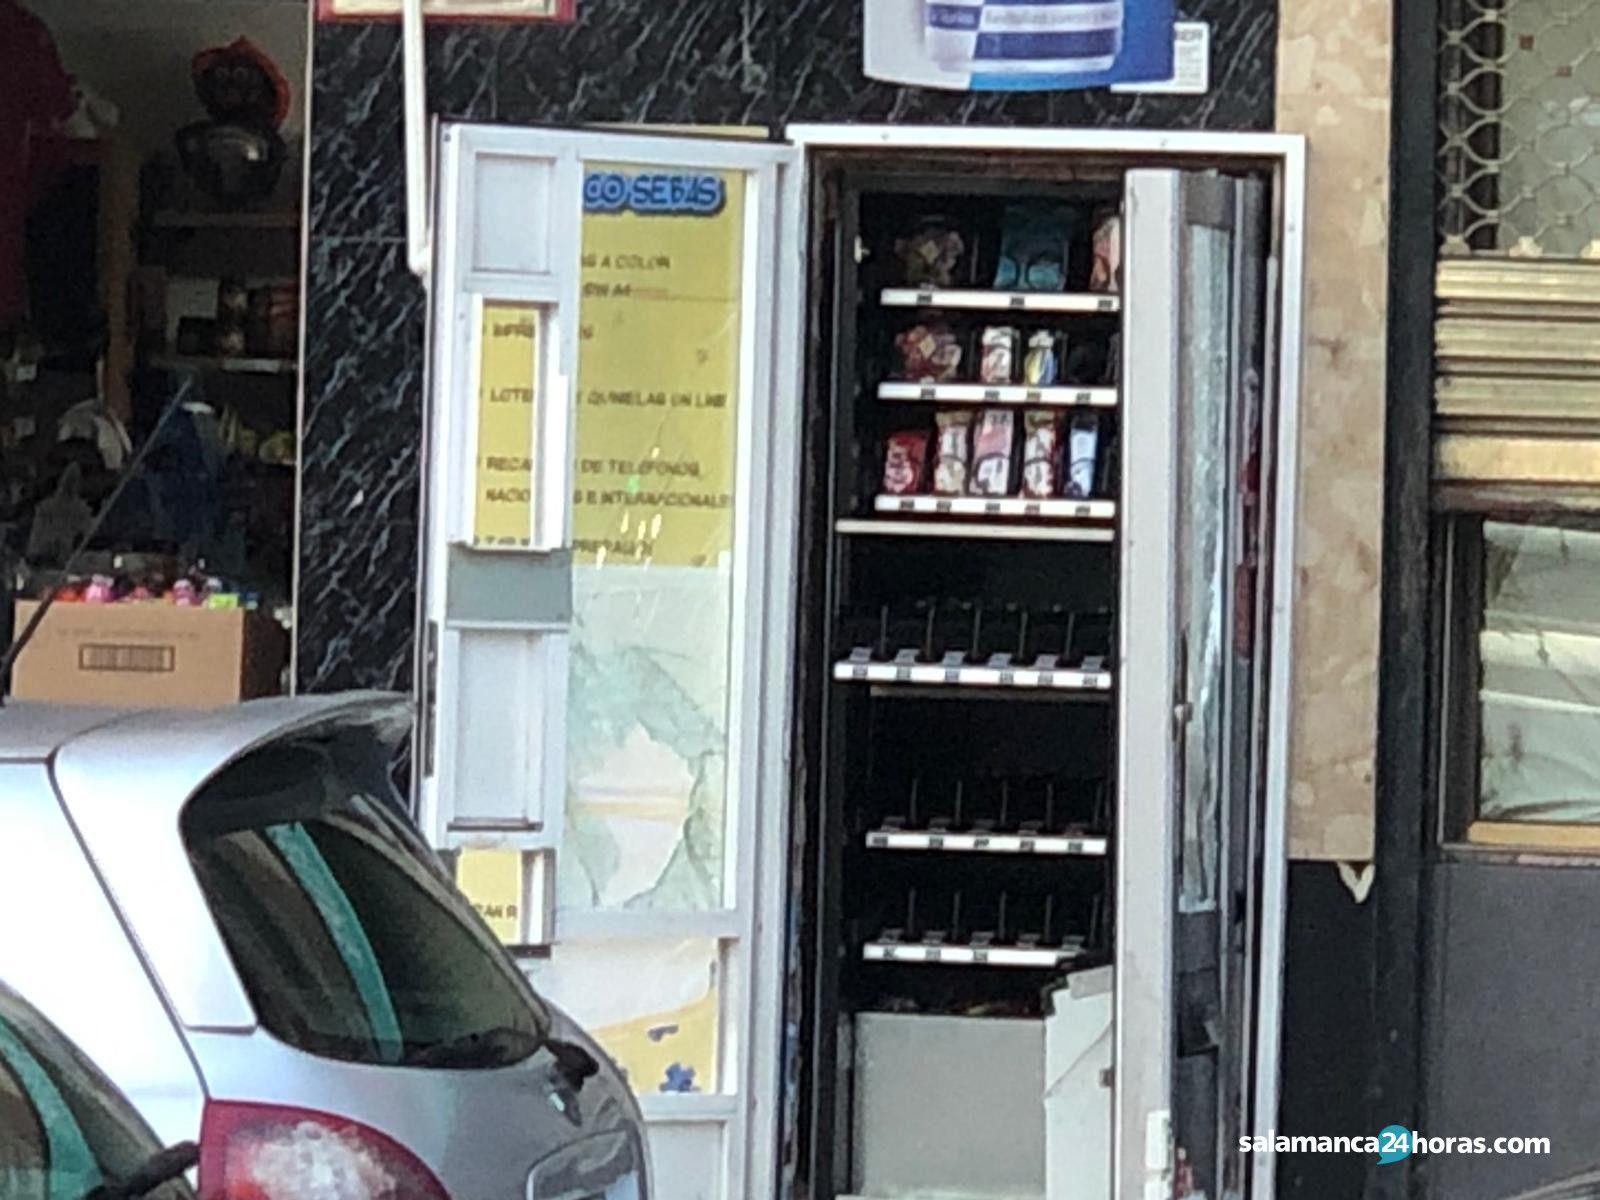 Asalto a kiosko en carretera de ledesma (3)